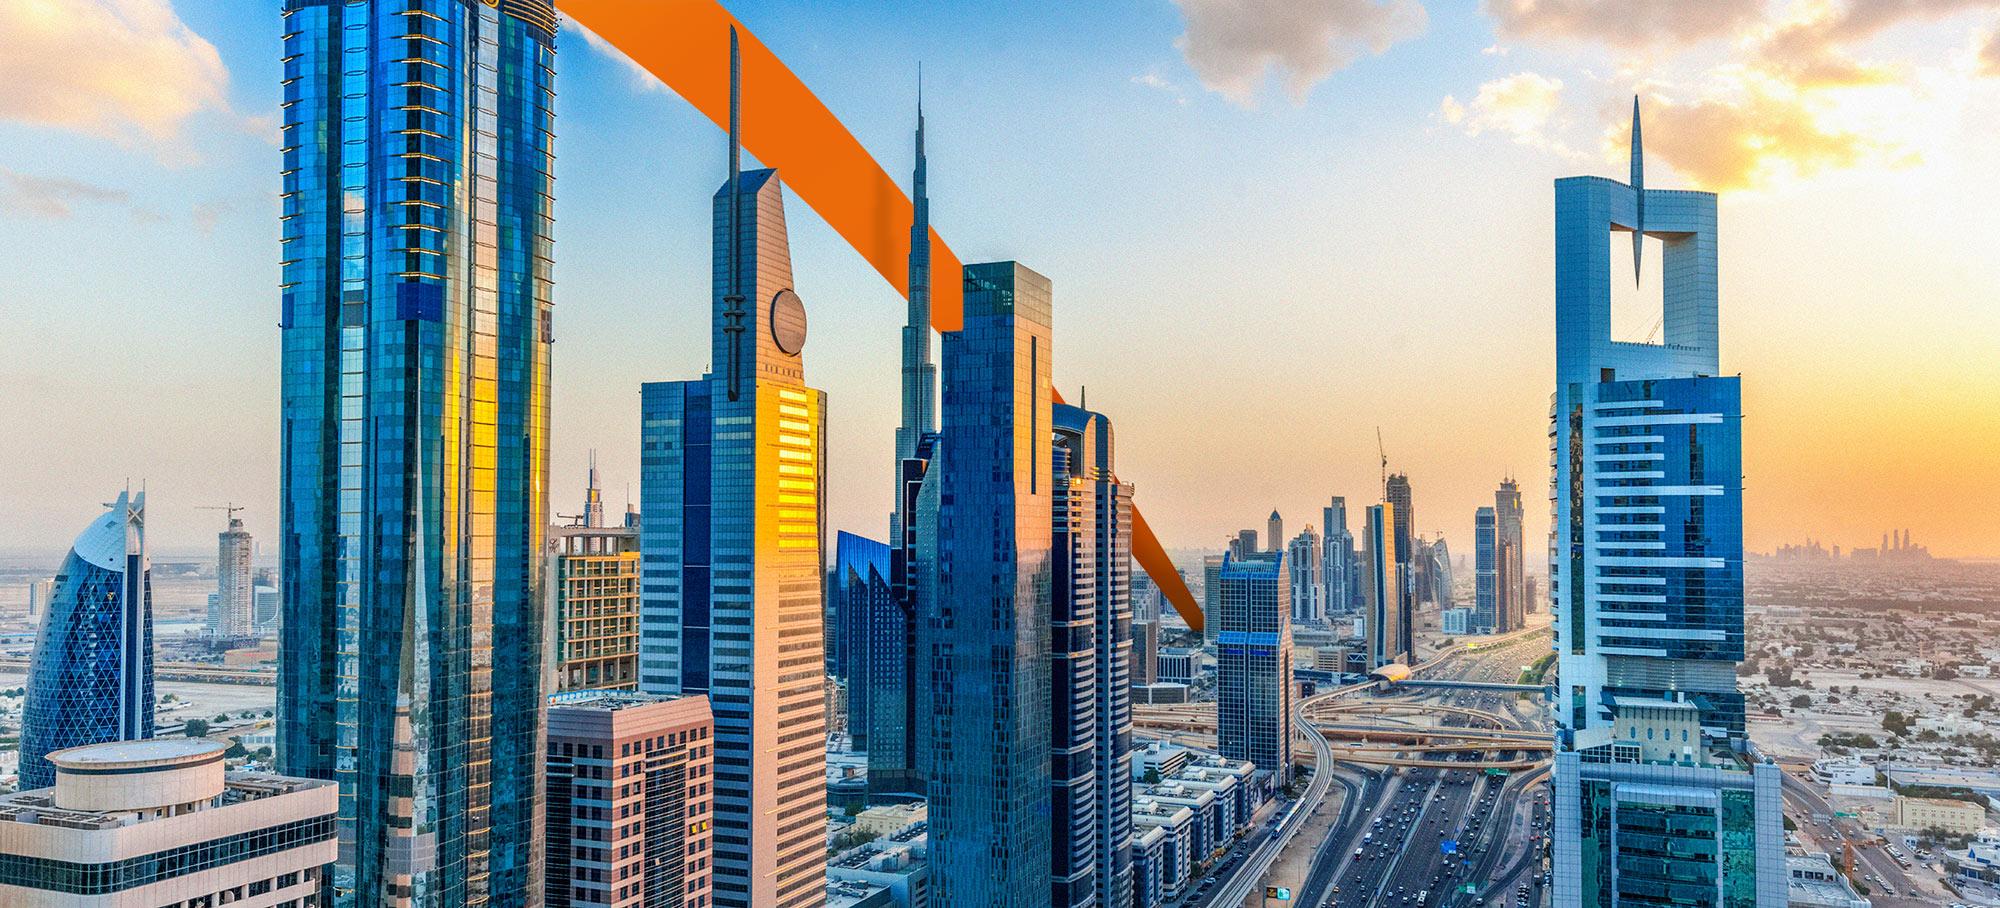 La tua azienda negli Emirati Arabi